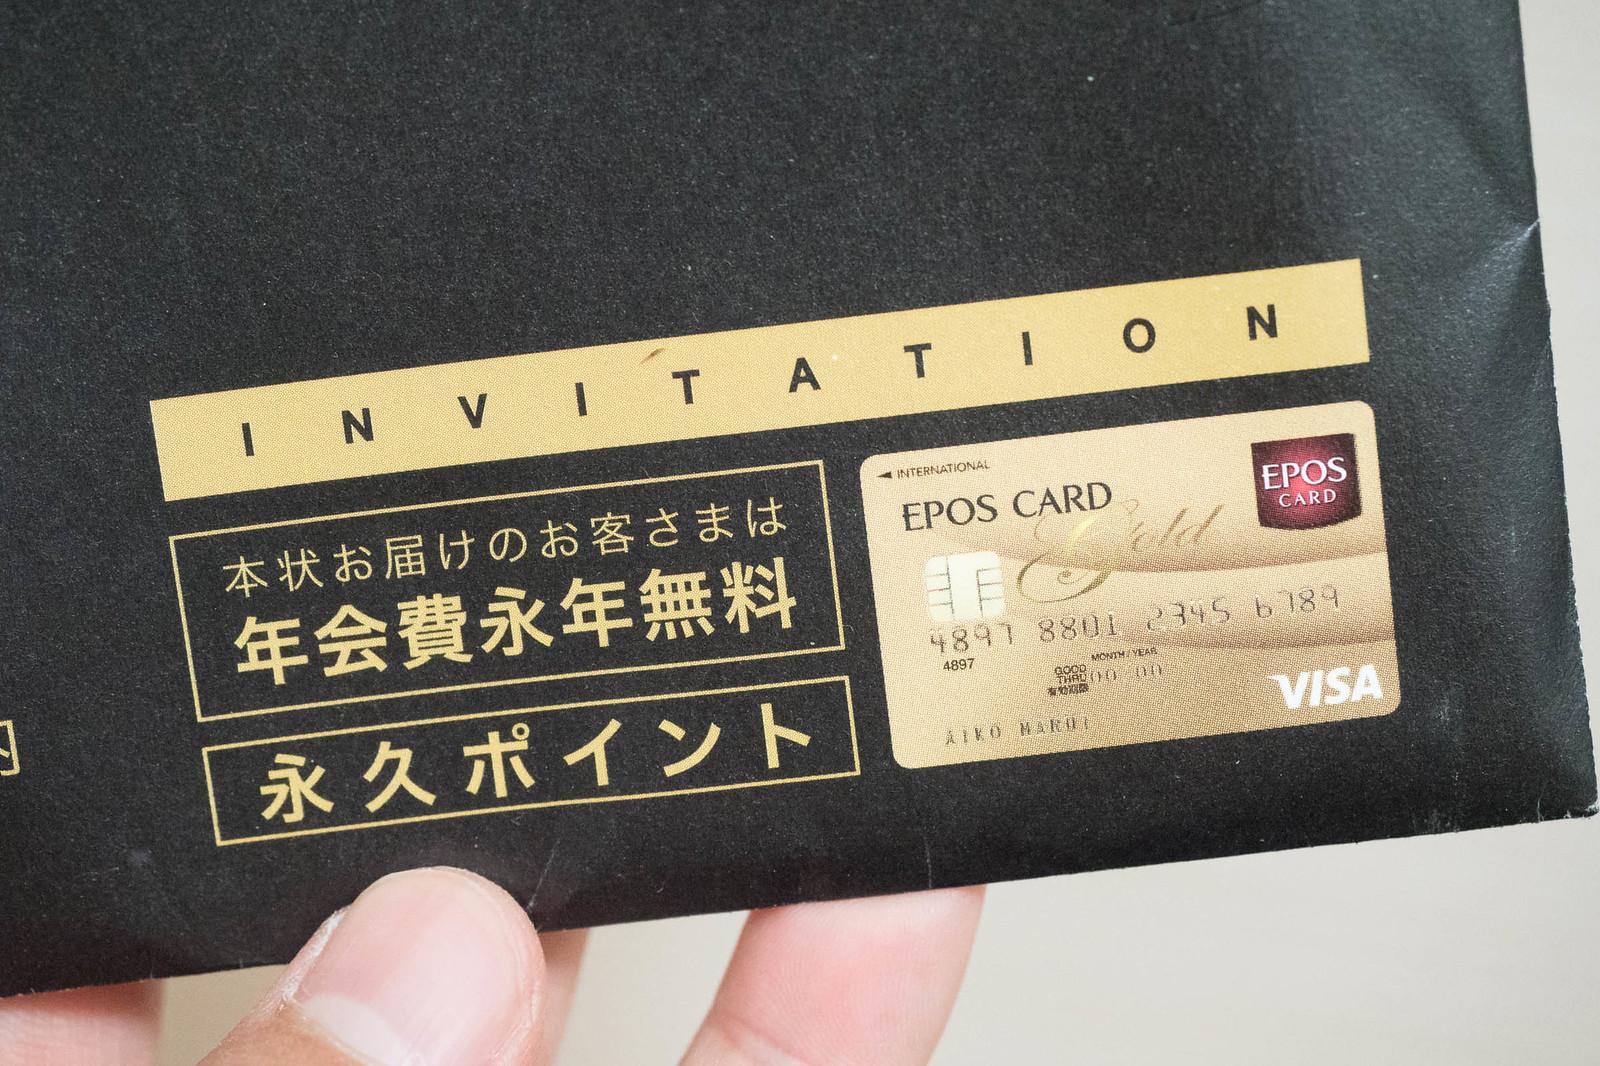 Gold_INVI-2